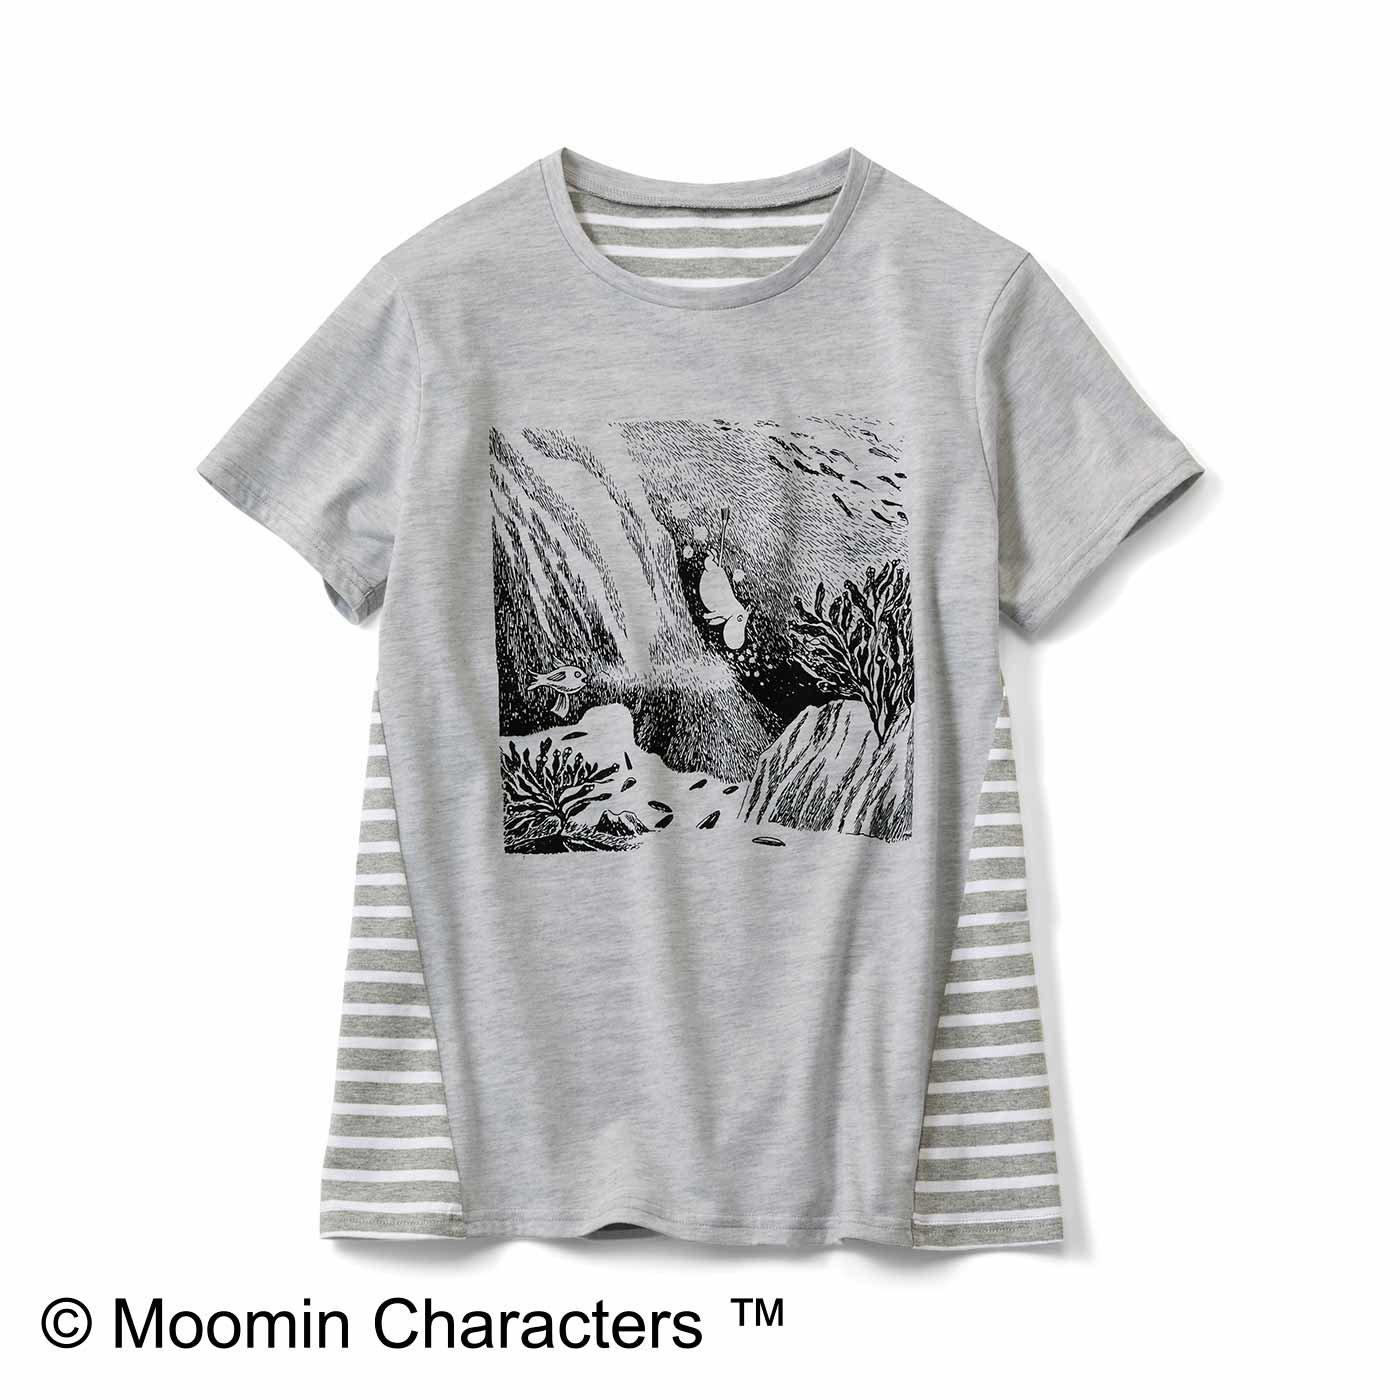 ムーミンと仲間たち 吸水速乾のうしろボーダーTシャツ〈水遊び〉